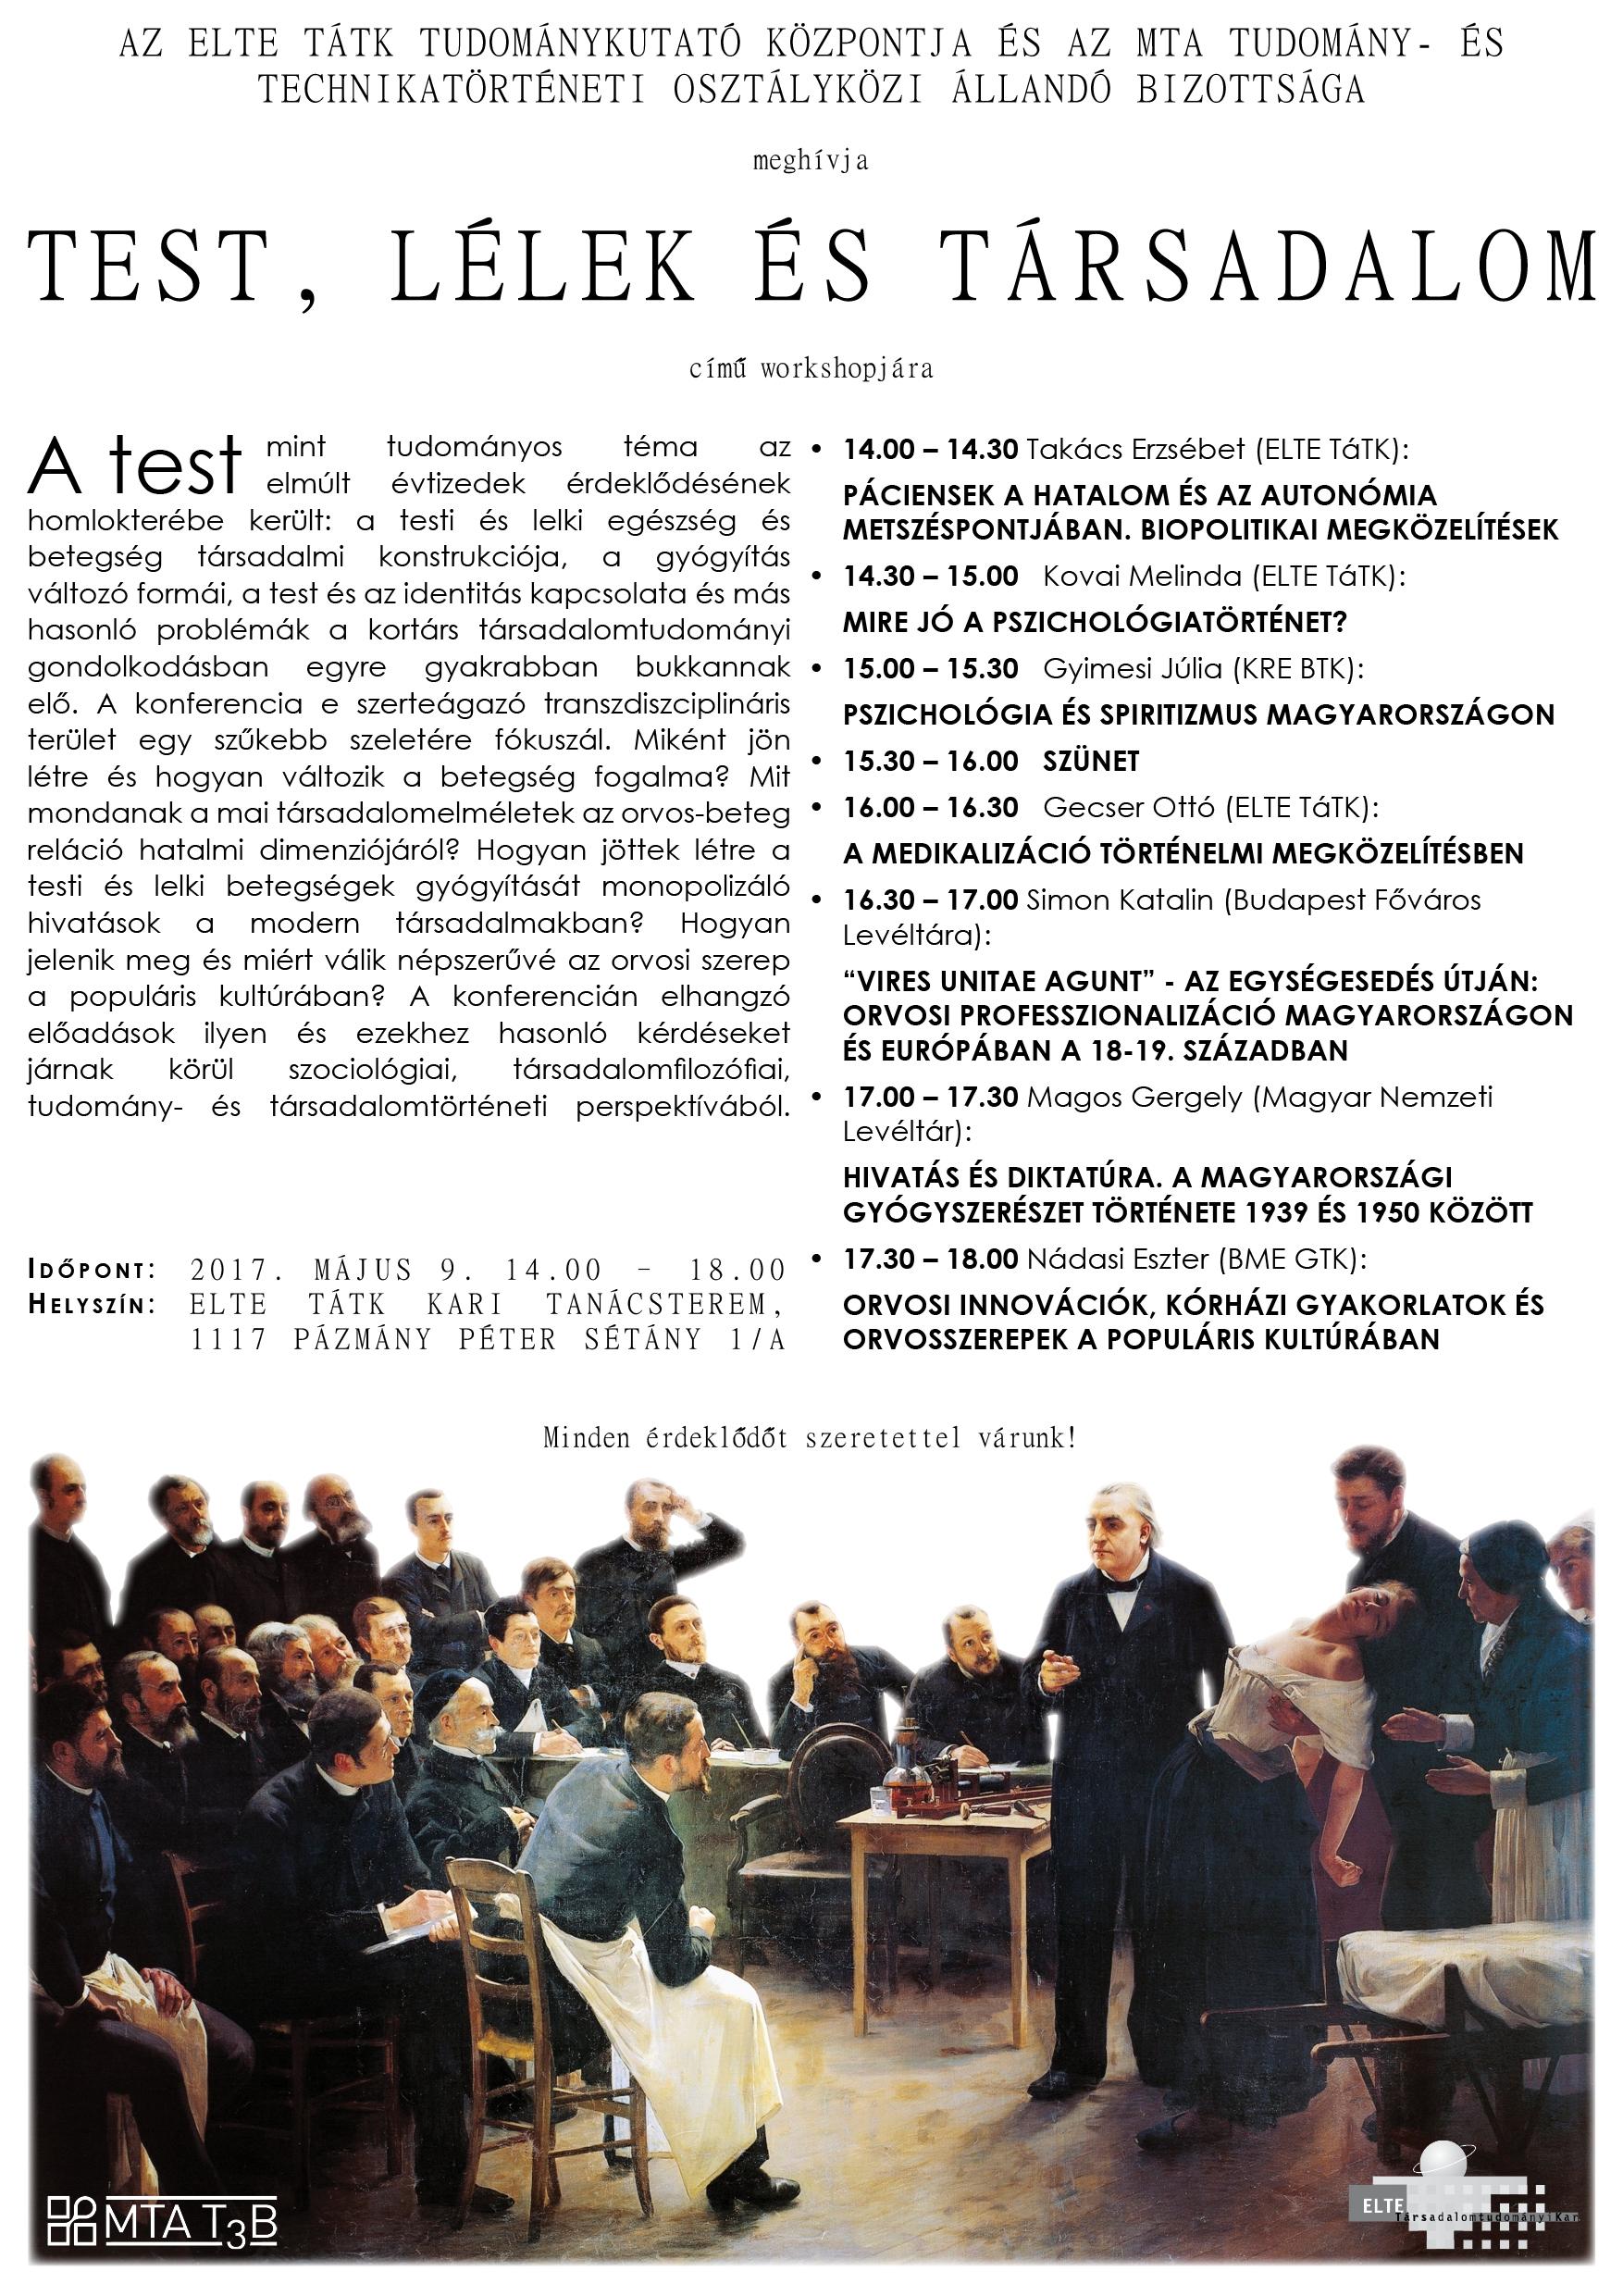 Test, lélek és társadalom - konferencia plakát